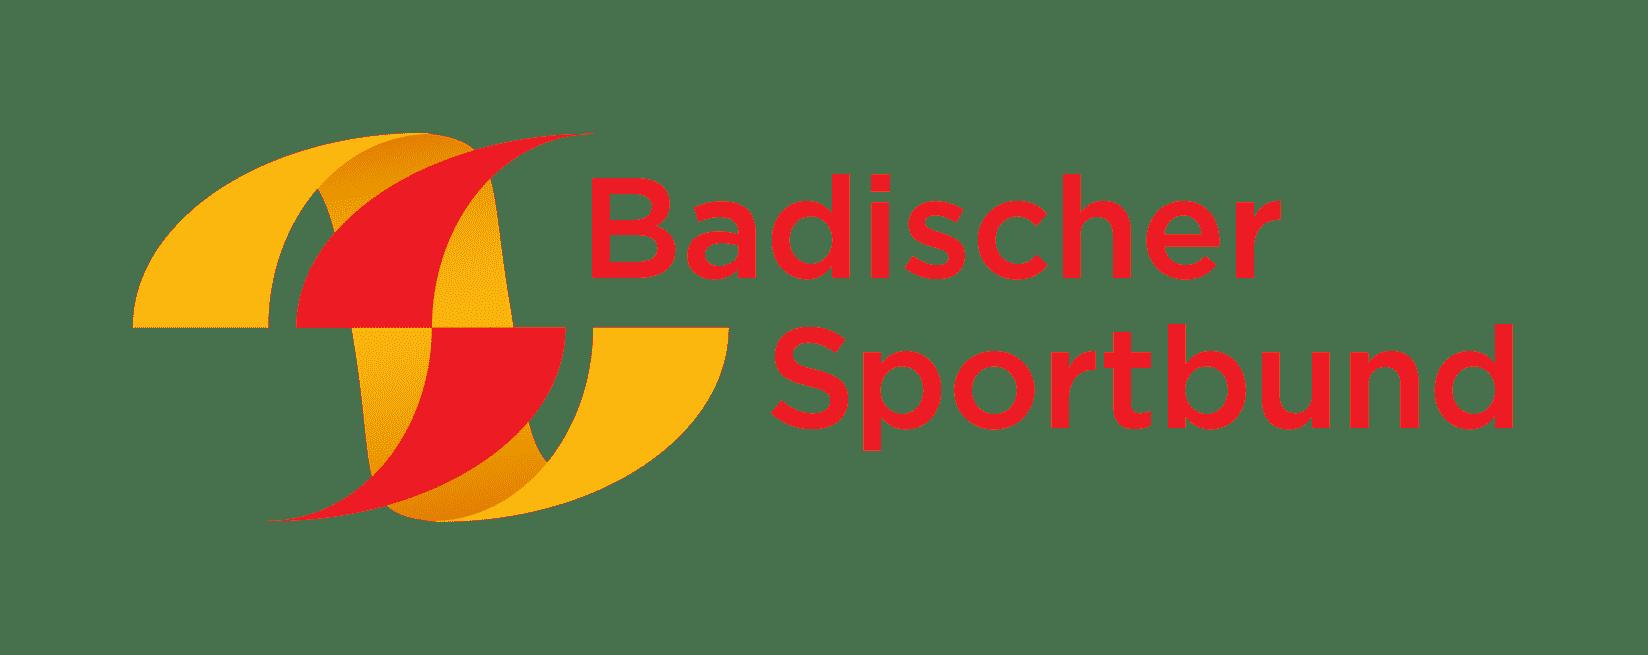 www.badischer-sportbund.de